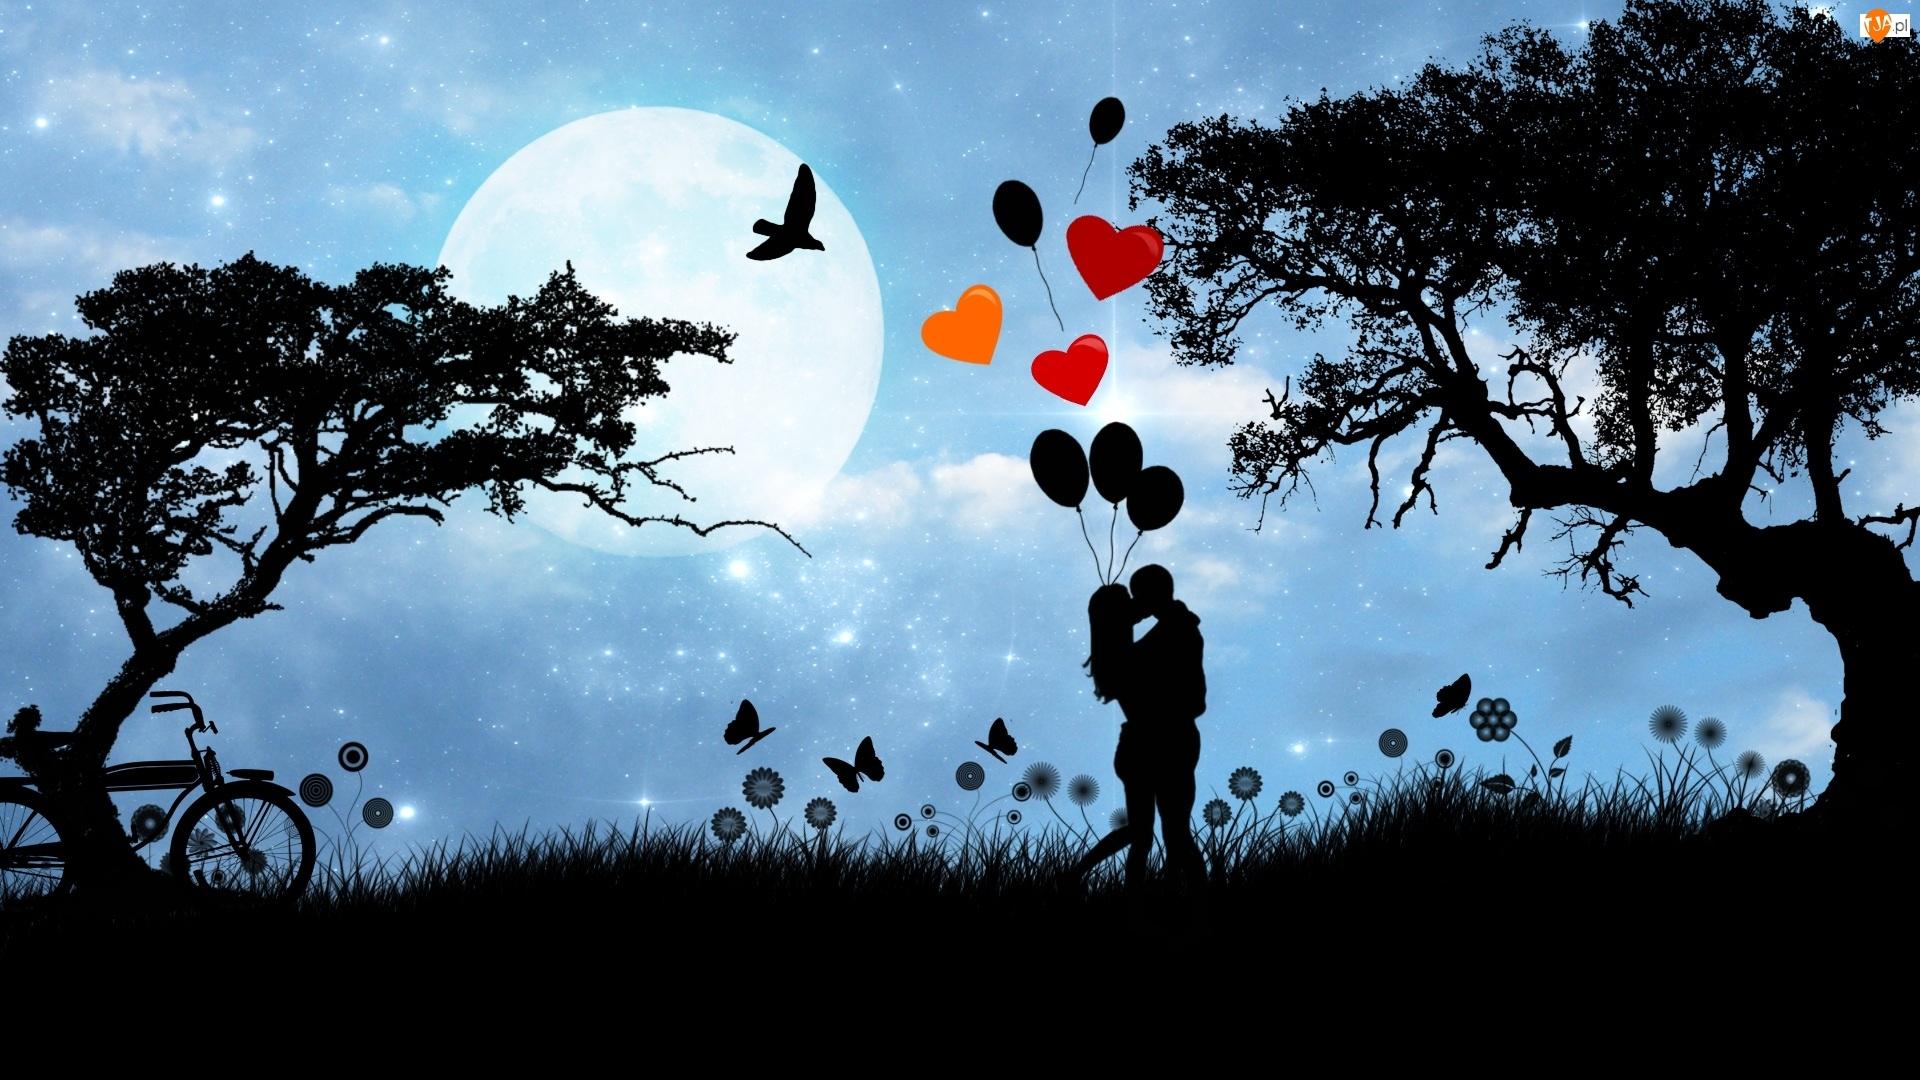 Balony, Drzewa, Zakochani, Księżyc, Serca, Miłość